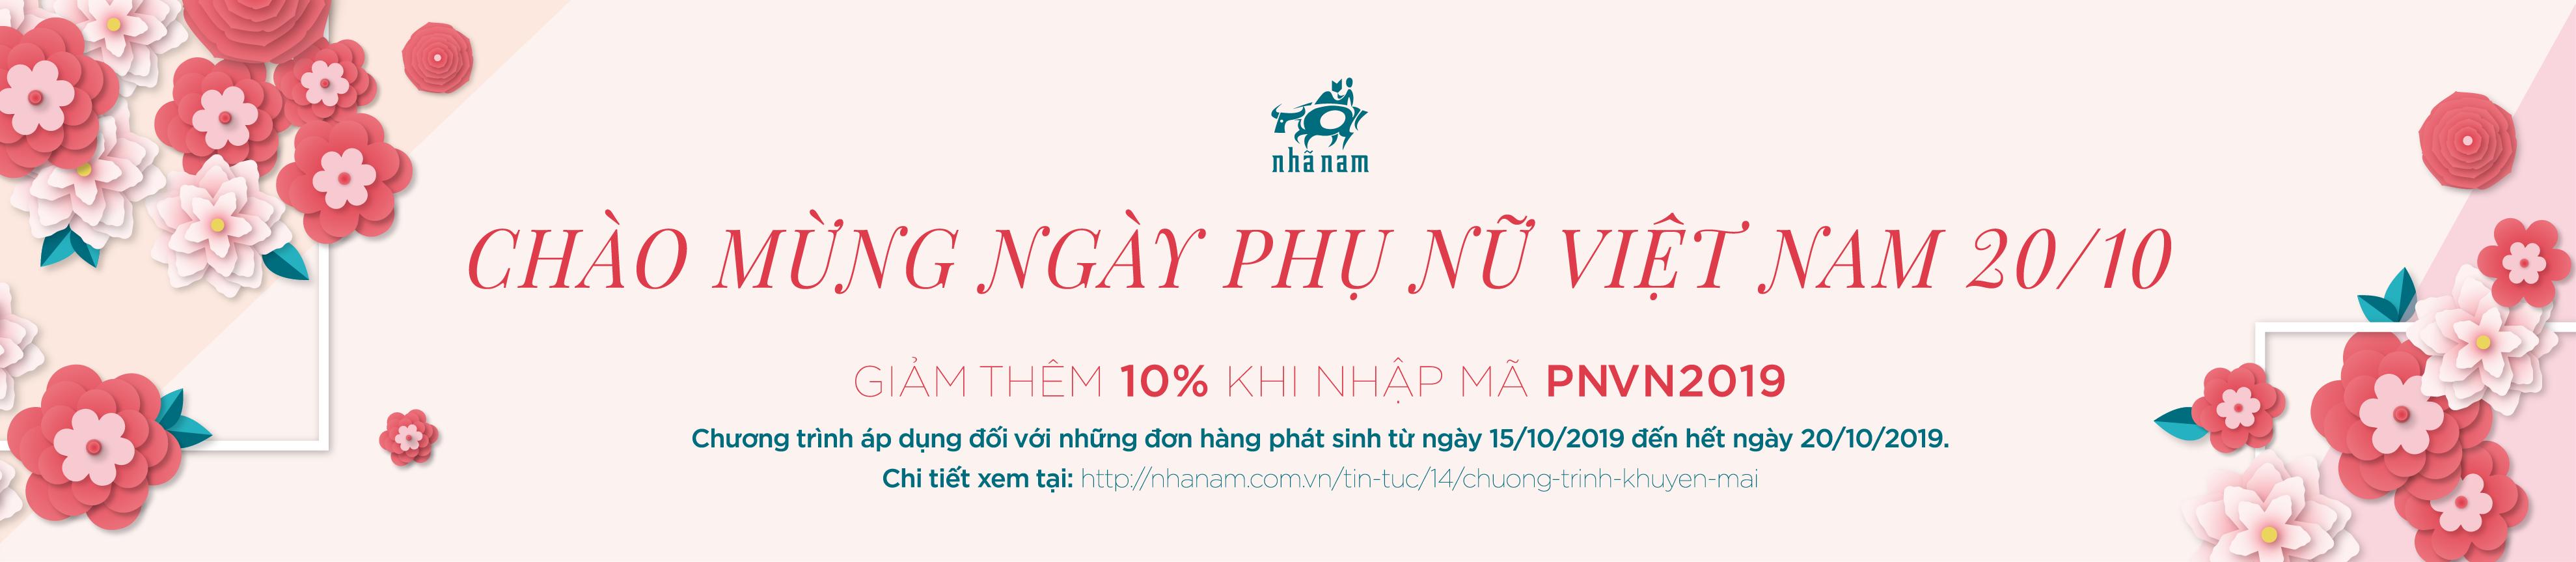 Phụ nữ Việt Nam 2019